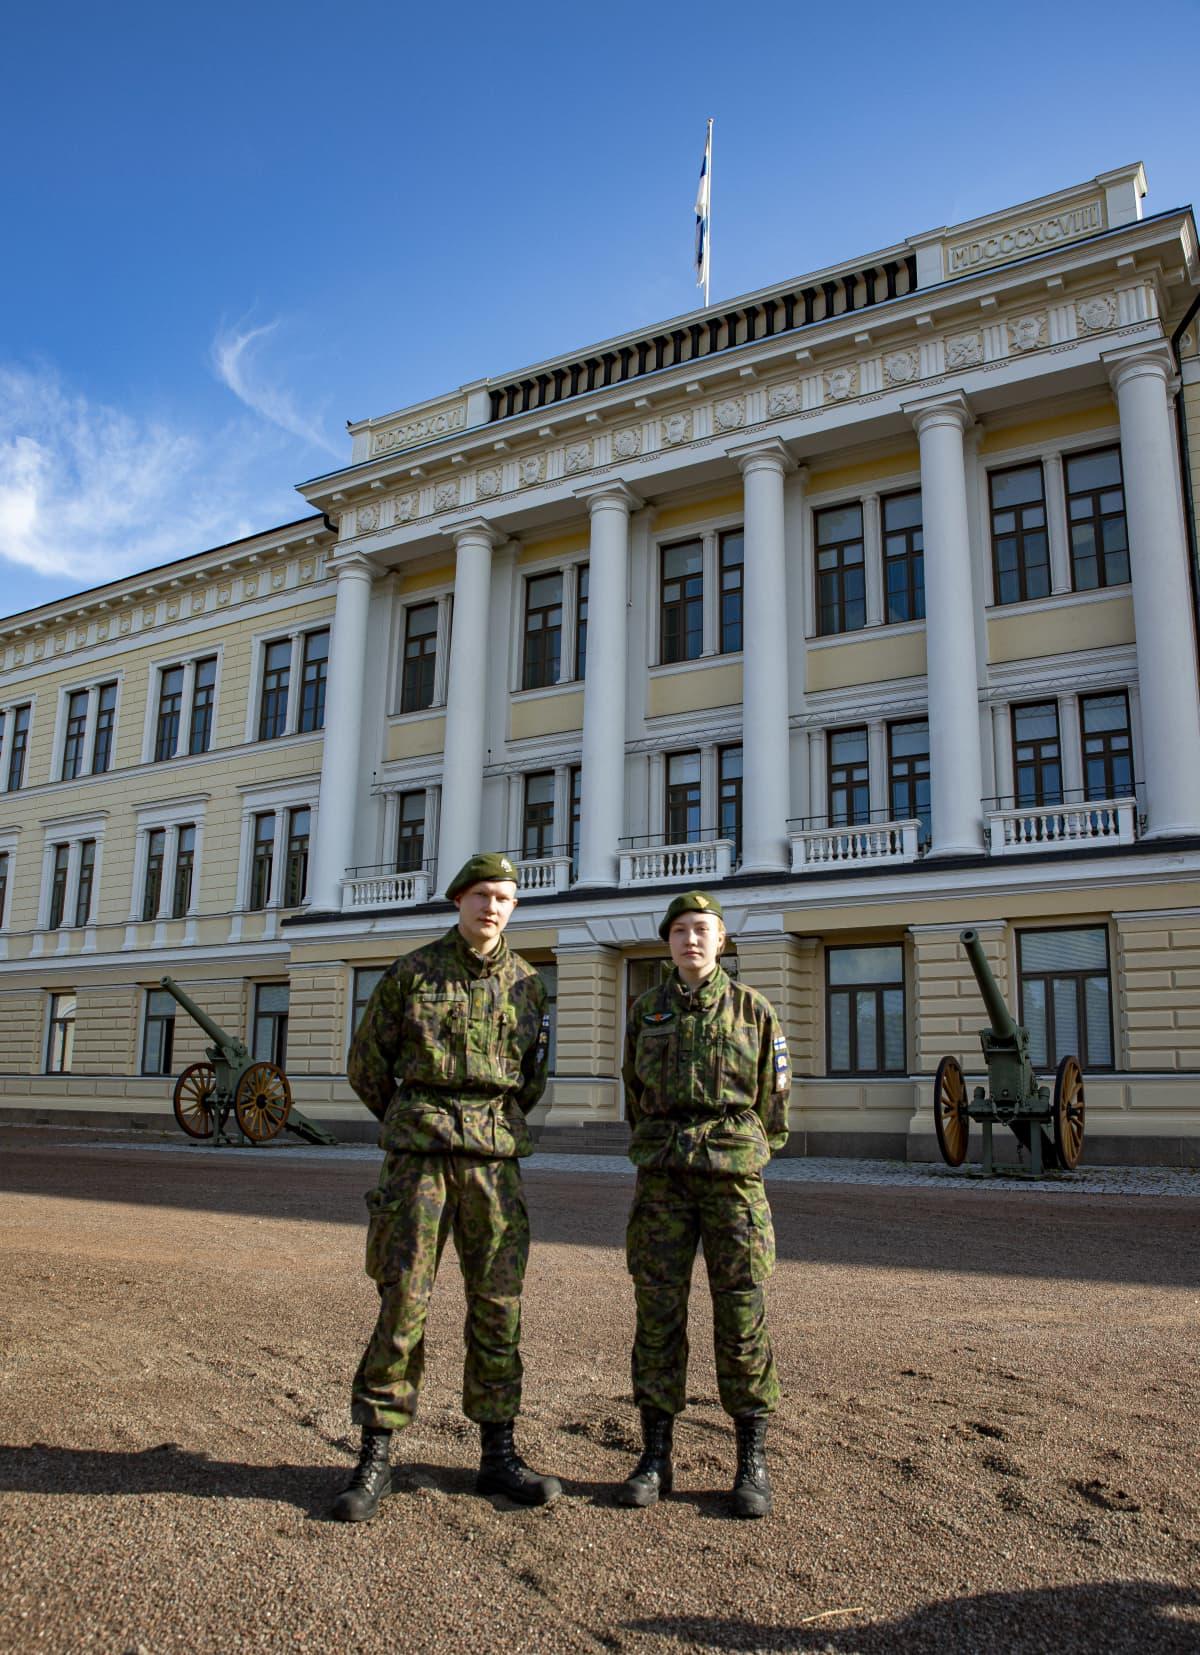 Upseerioppilaat Haminassa reserviupseerikoulun päärakennuksen edessä.